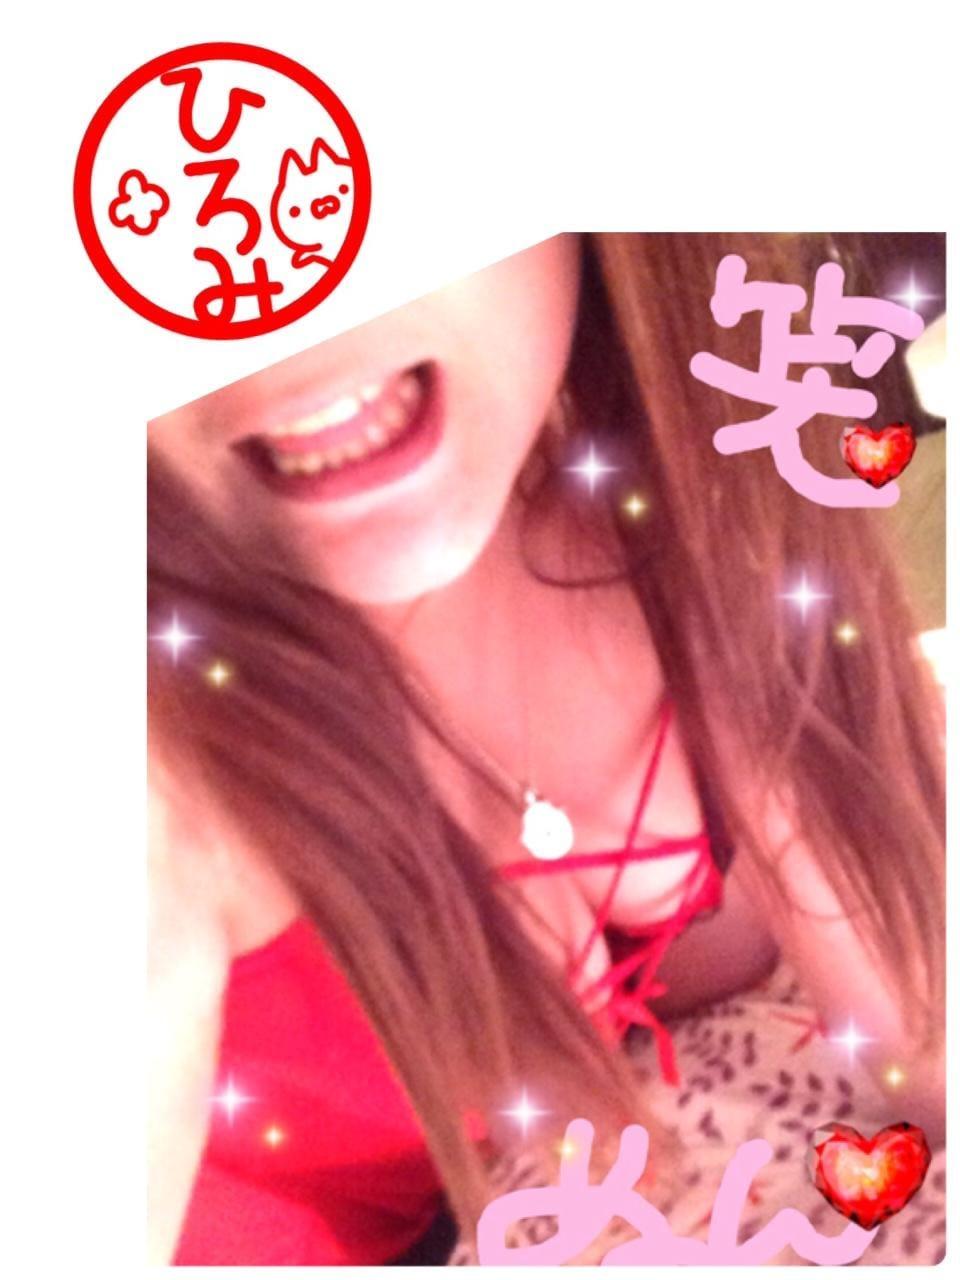 おはよう(^ー^)ノ<img class=&quot;emojione&quot; alt=&quot;❤️&quot; title=&quot;:heart:&quot; src=&quot;https://fuzoku.jp/assets/img/emojione/2764.png&quot;/>ございます